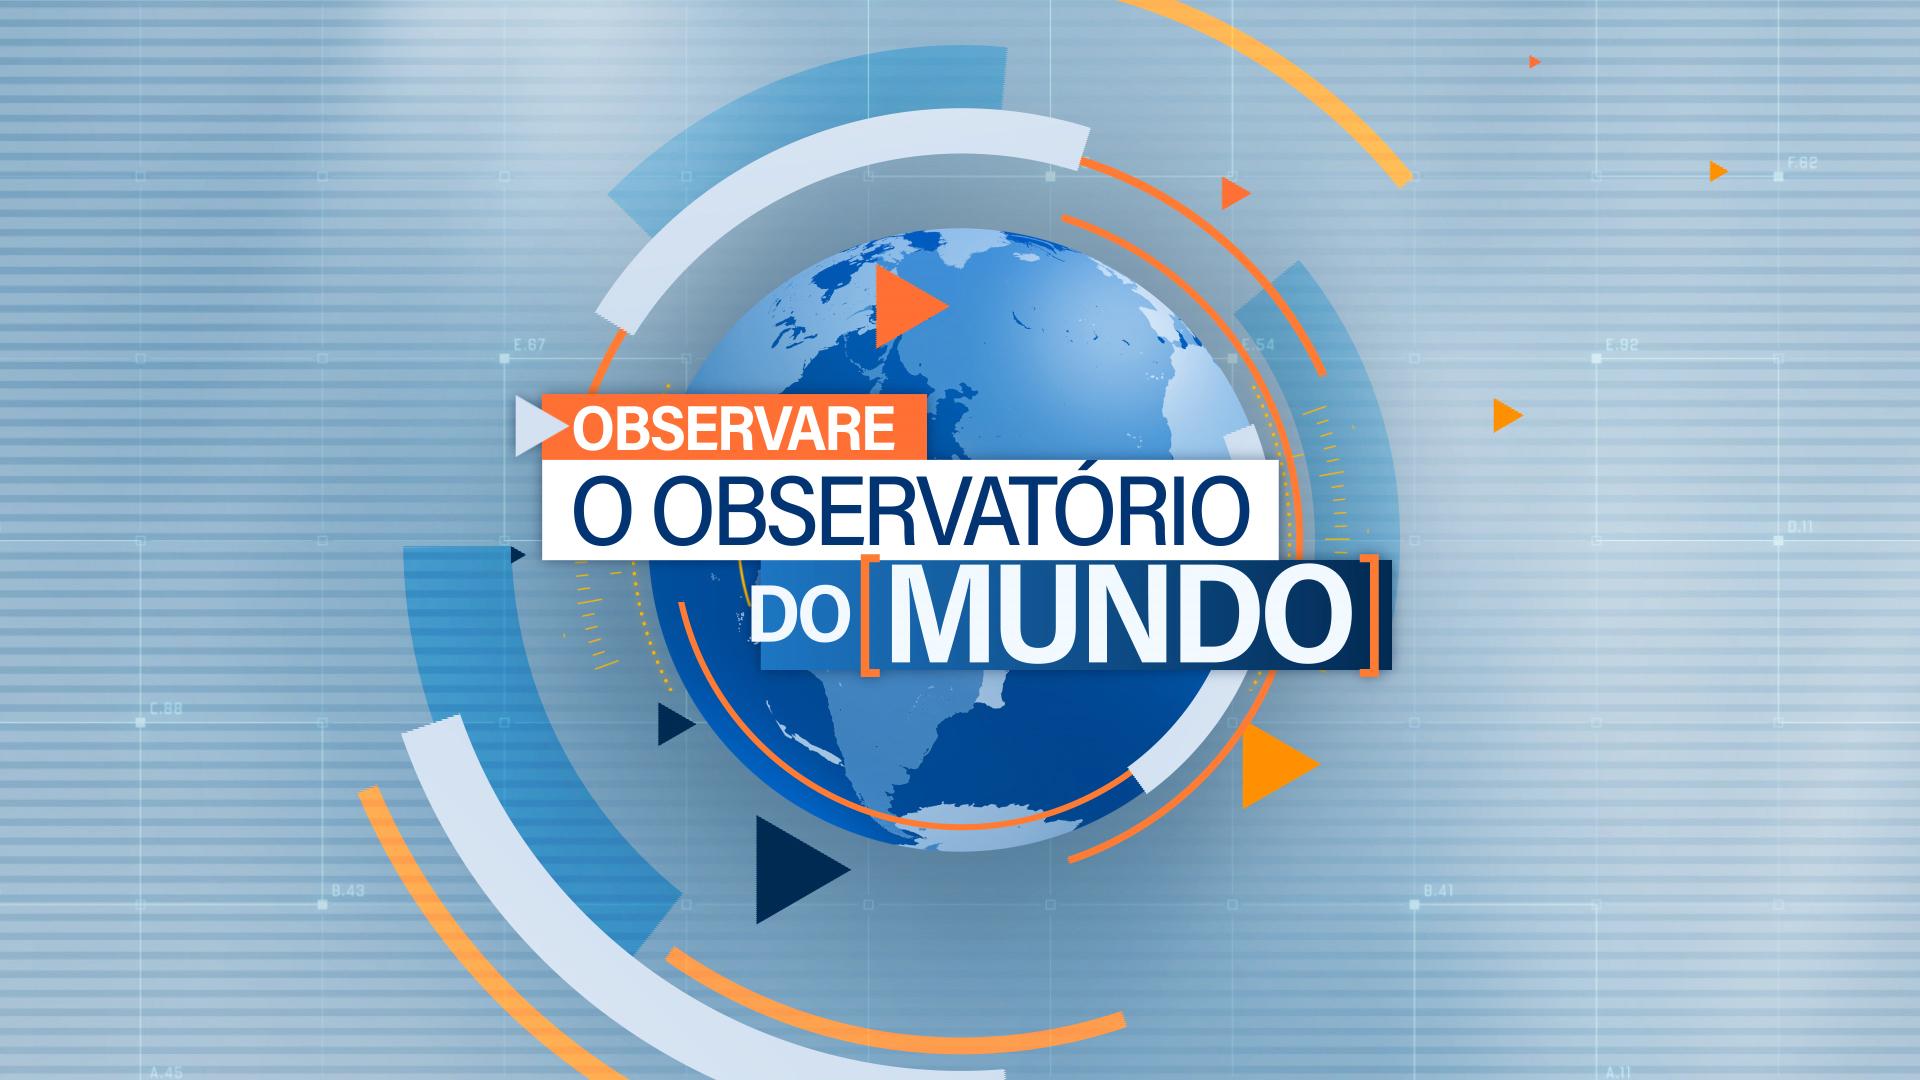 OBSERVARE – TVI 24